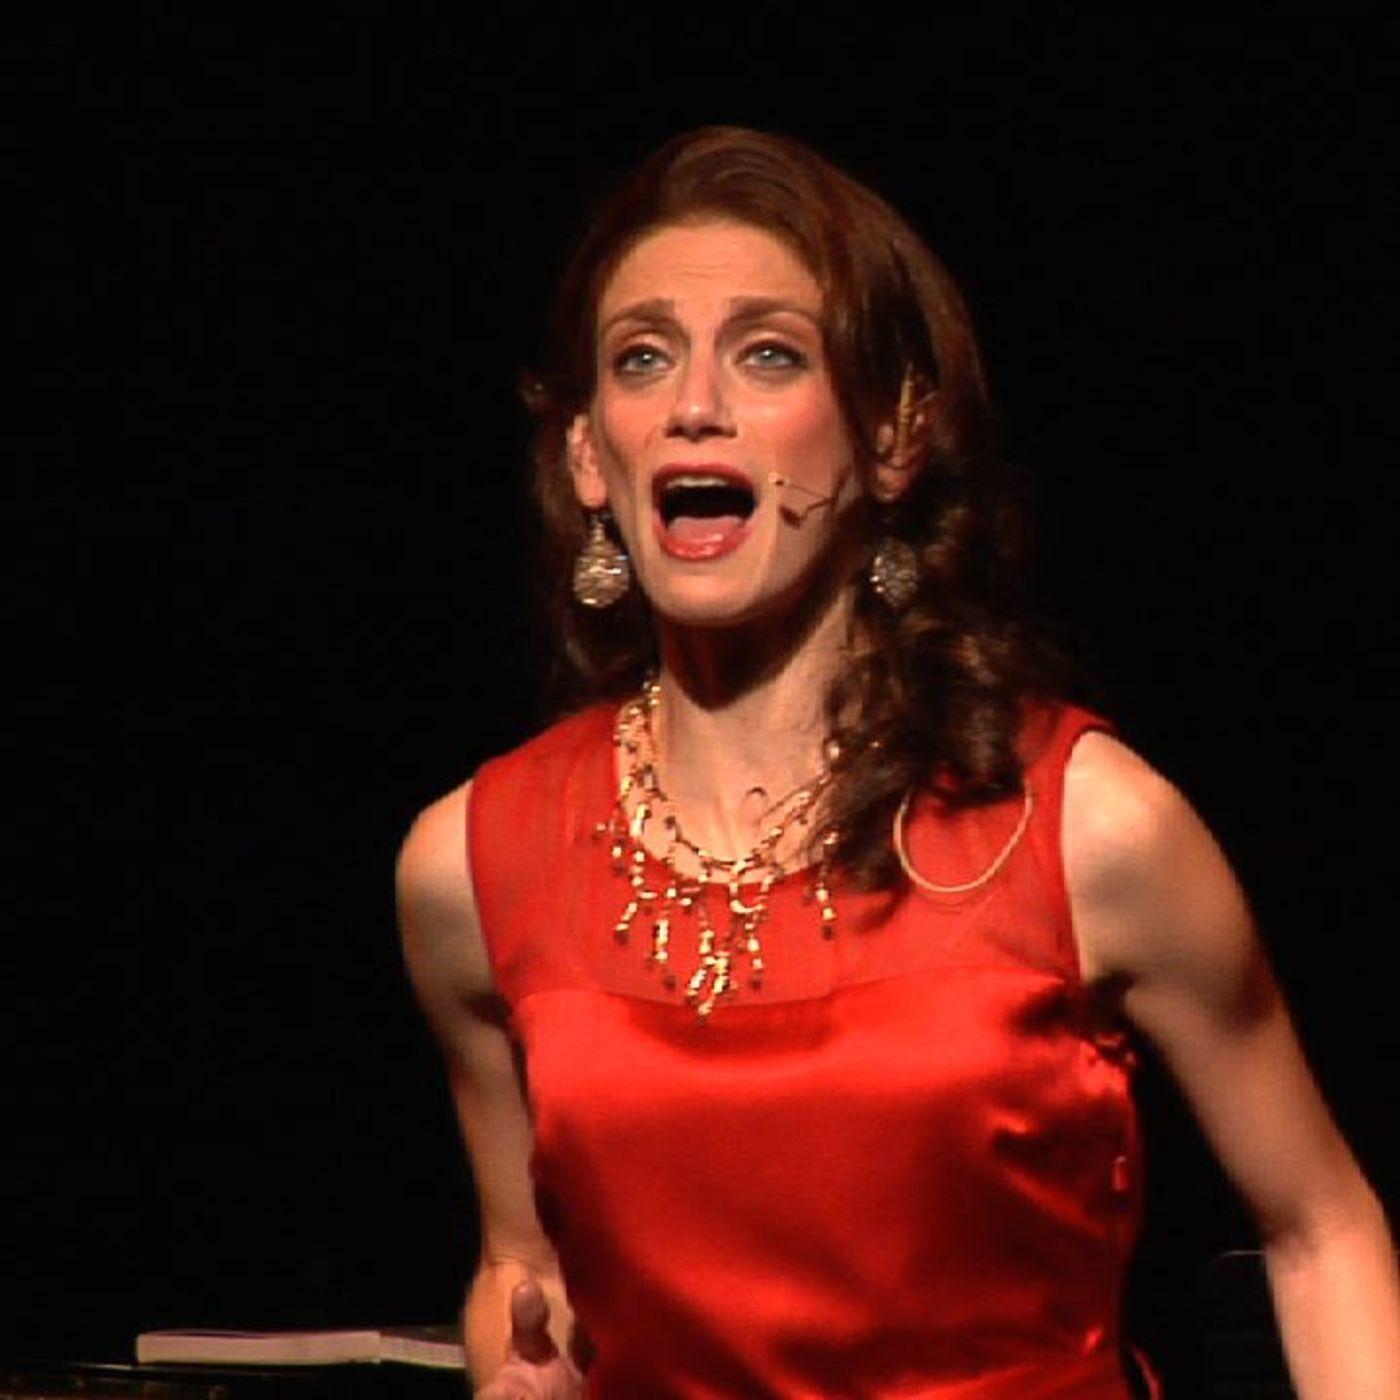 Episode 511 - Amy Oestreicher (Author/Speaker/Actress)